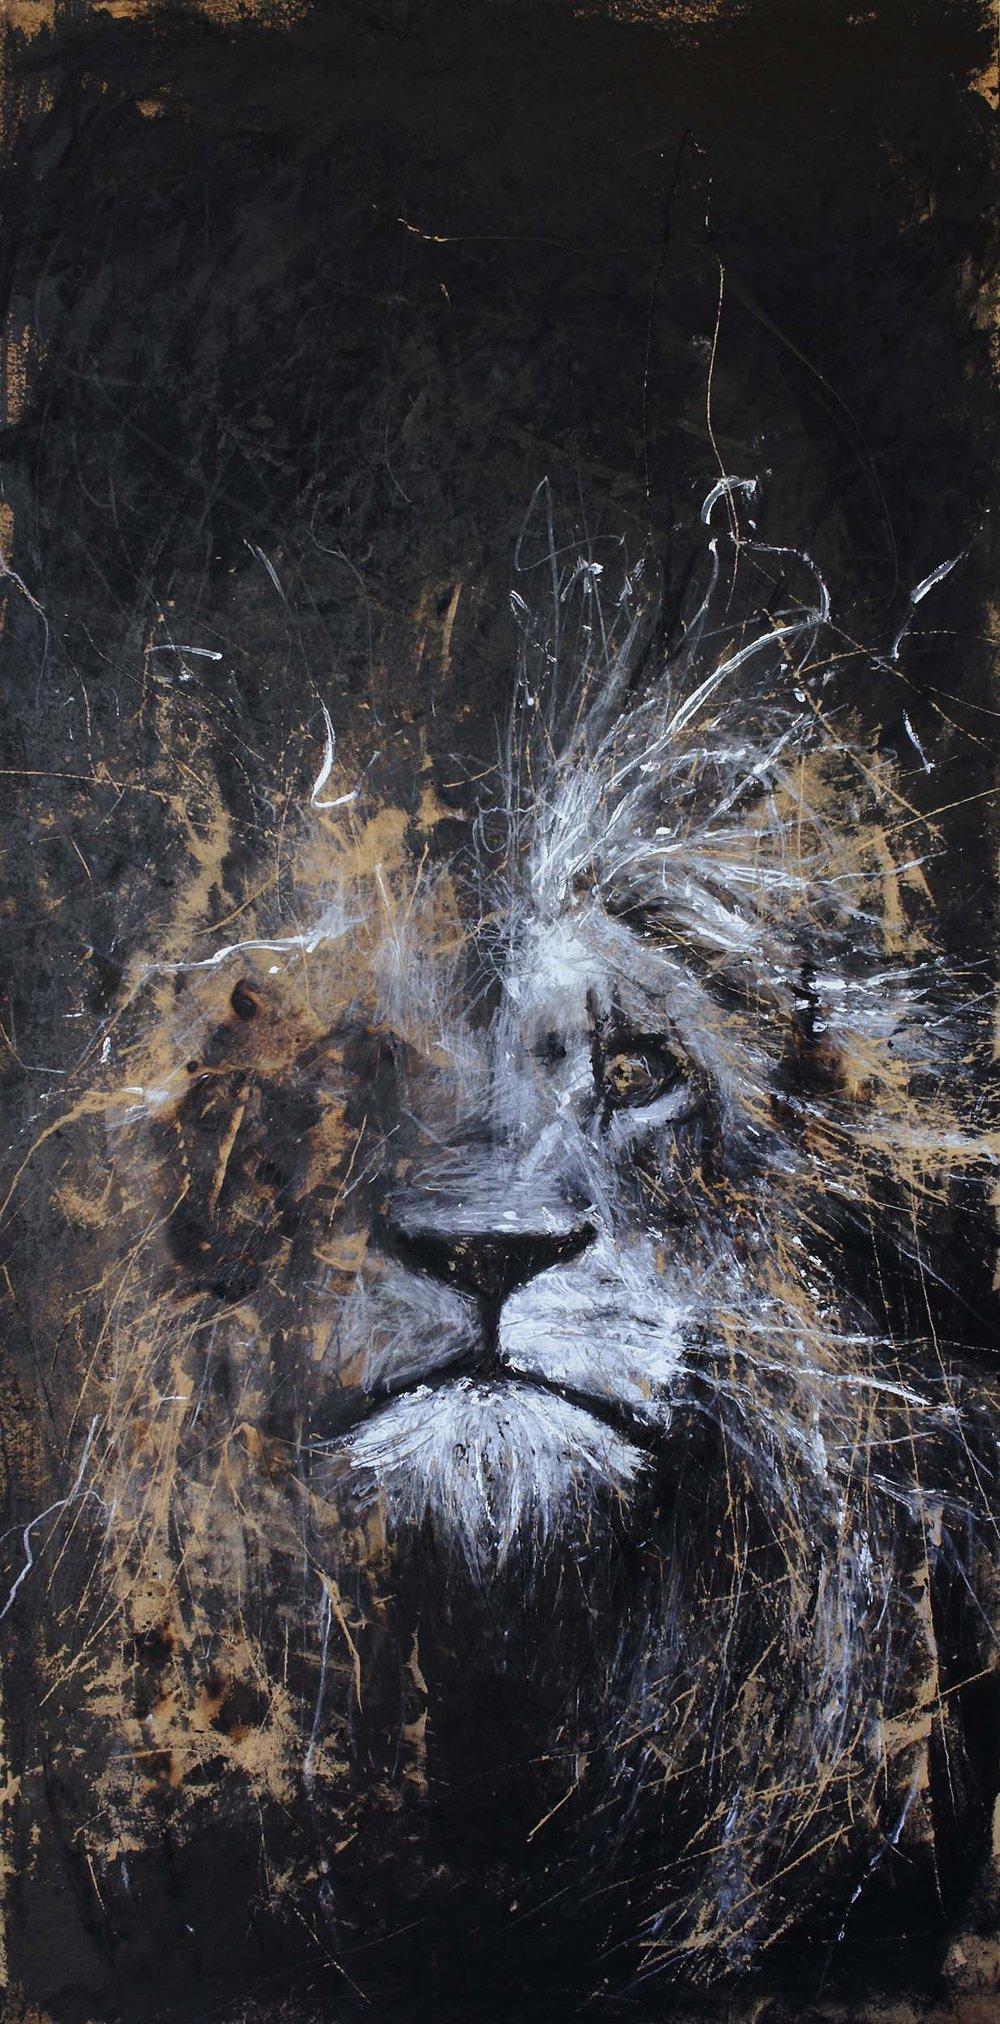 'Aslan, a depiction of Jesus' on wood, 124cm x 60cm [SOLD]